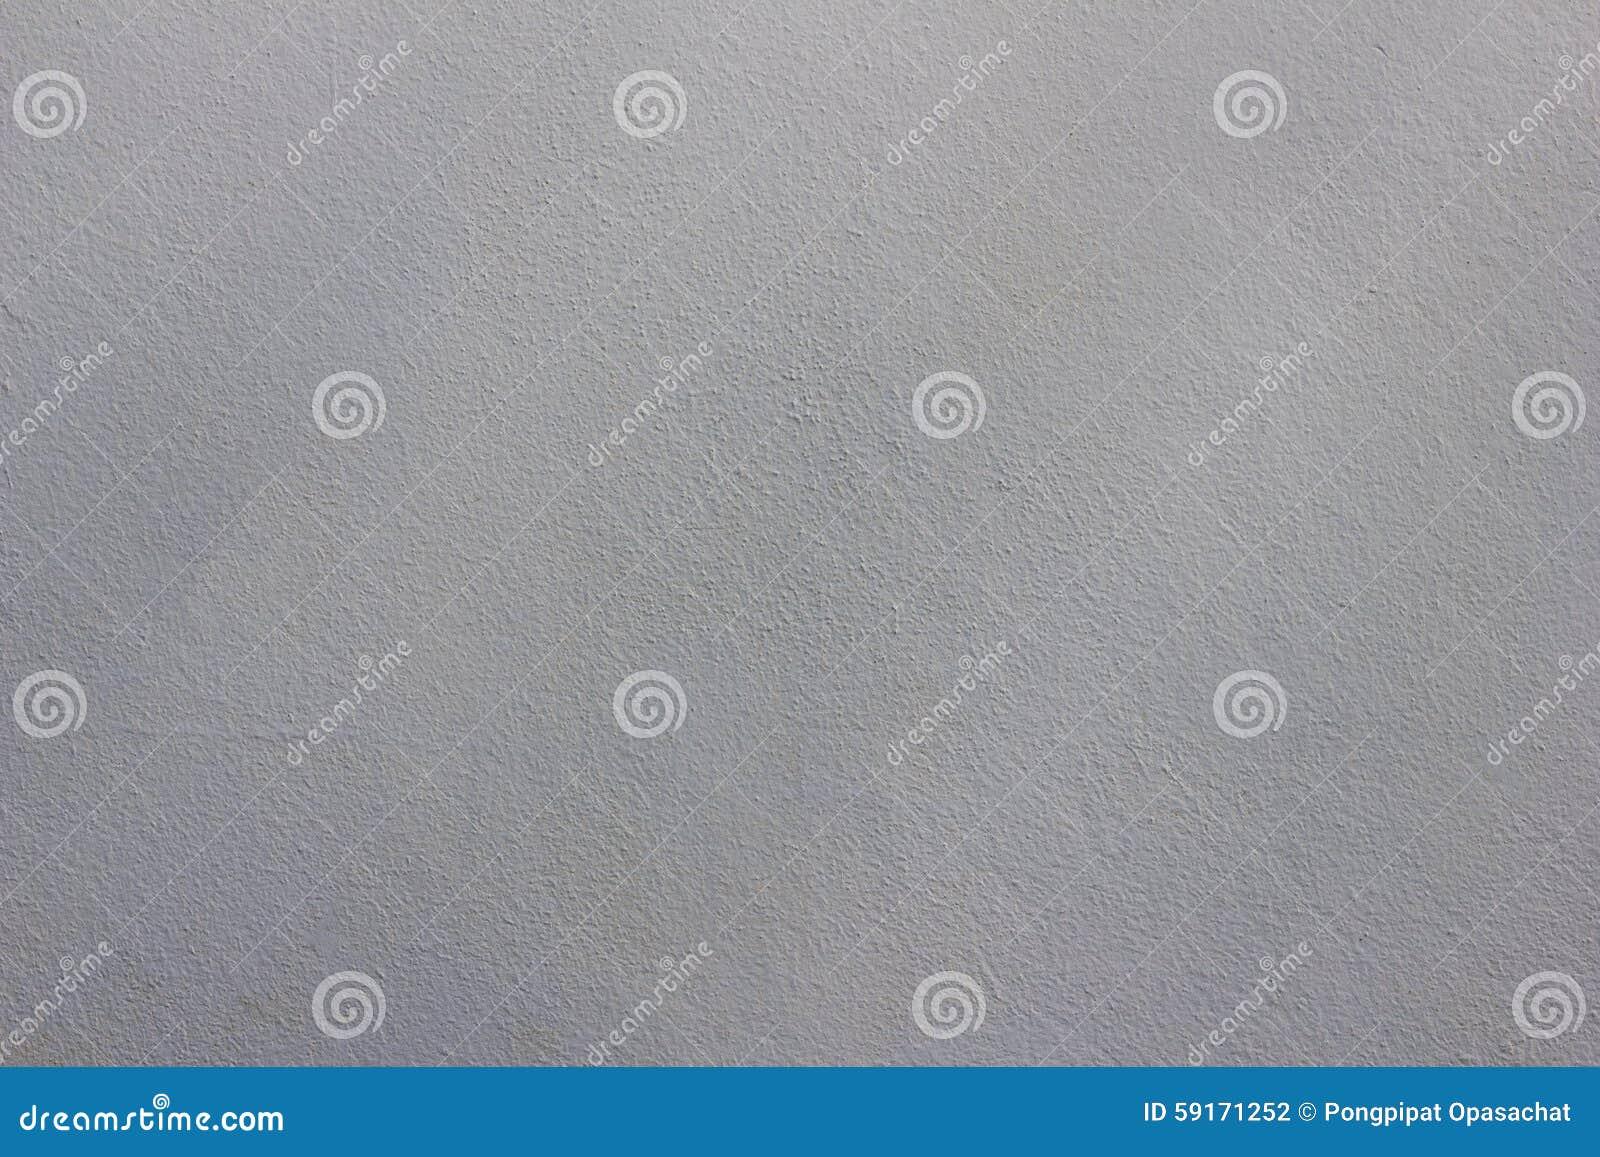 Modèle de fond de texture de mur de ciment